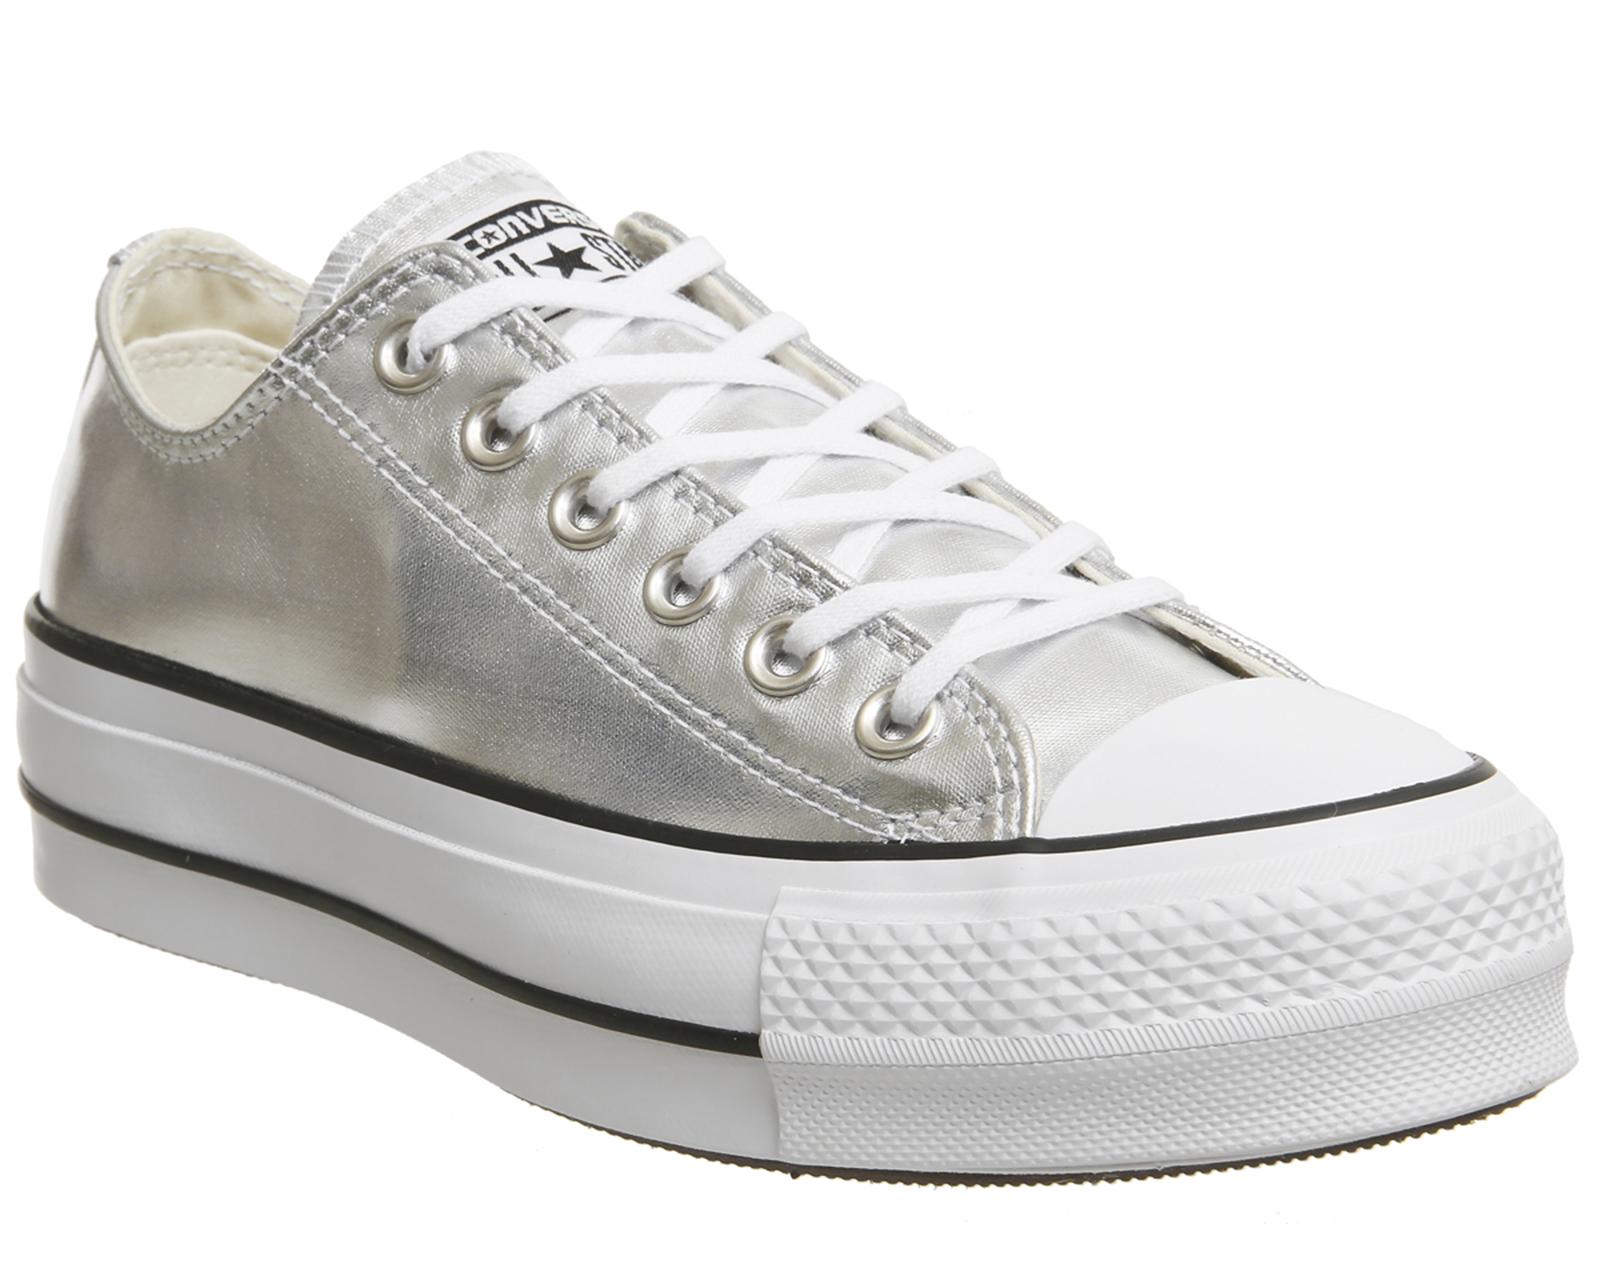 adf5563154ebd Detalles de Mujeres Converse All Star Baja plataformas Plata Negro Blanco Zapatillas  Zapatos- ver título original